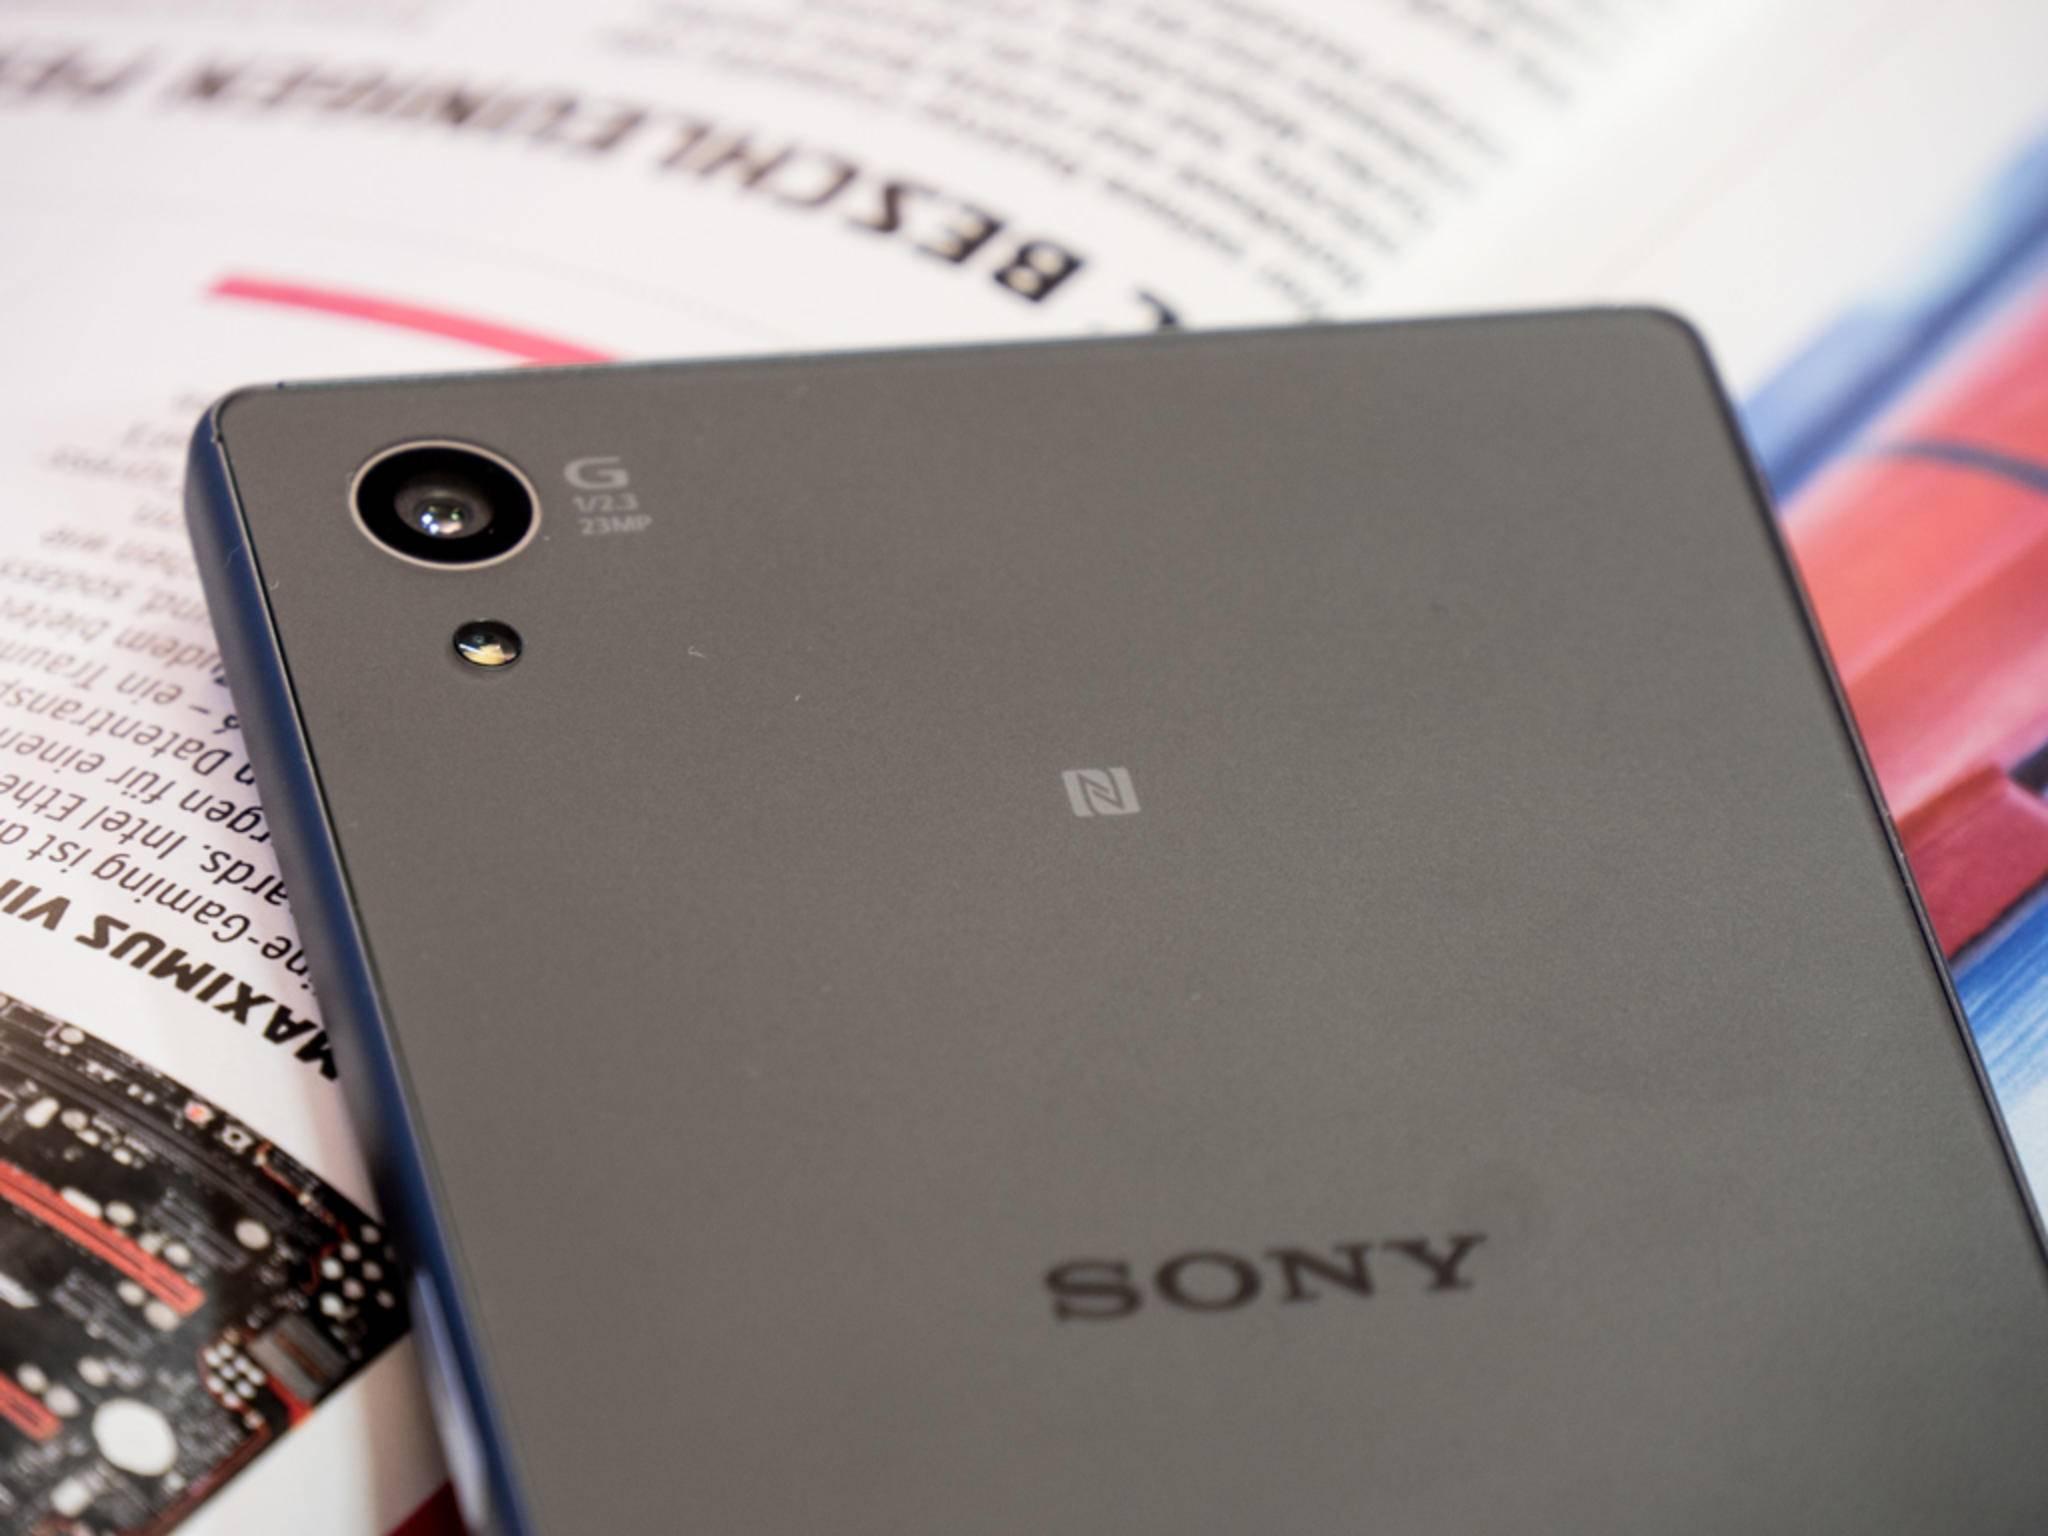 Sony hat seine Einladungen für die Pressekonferenz auf dem MWC verschickt.